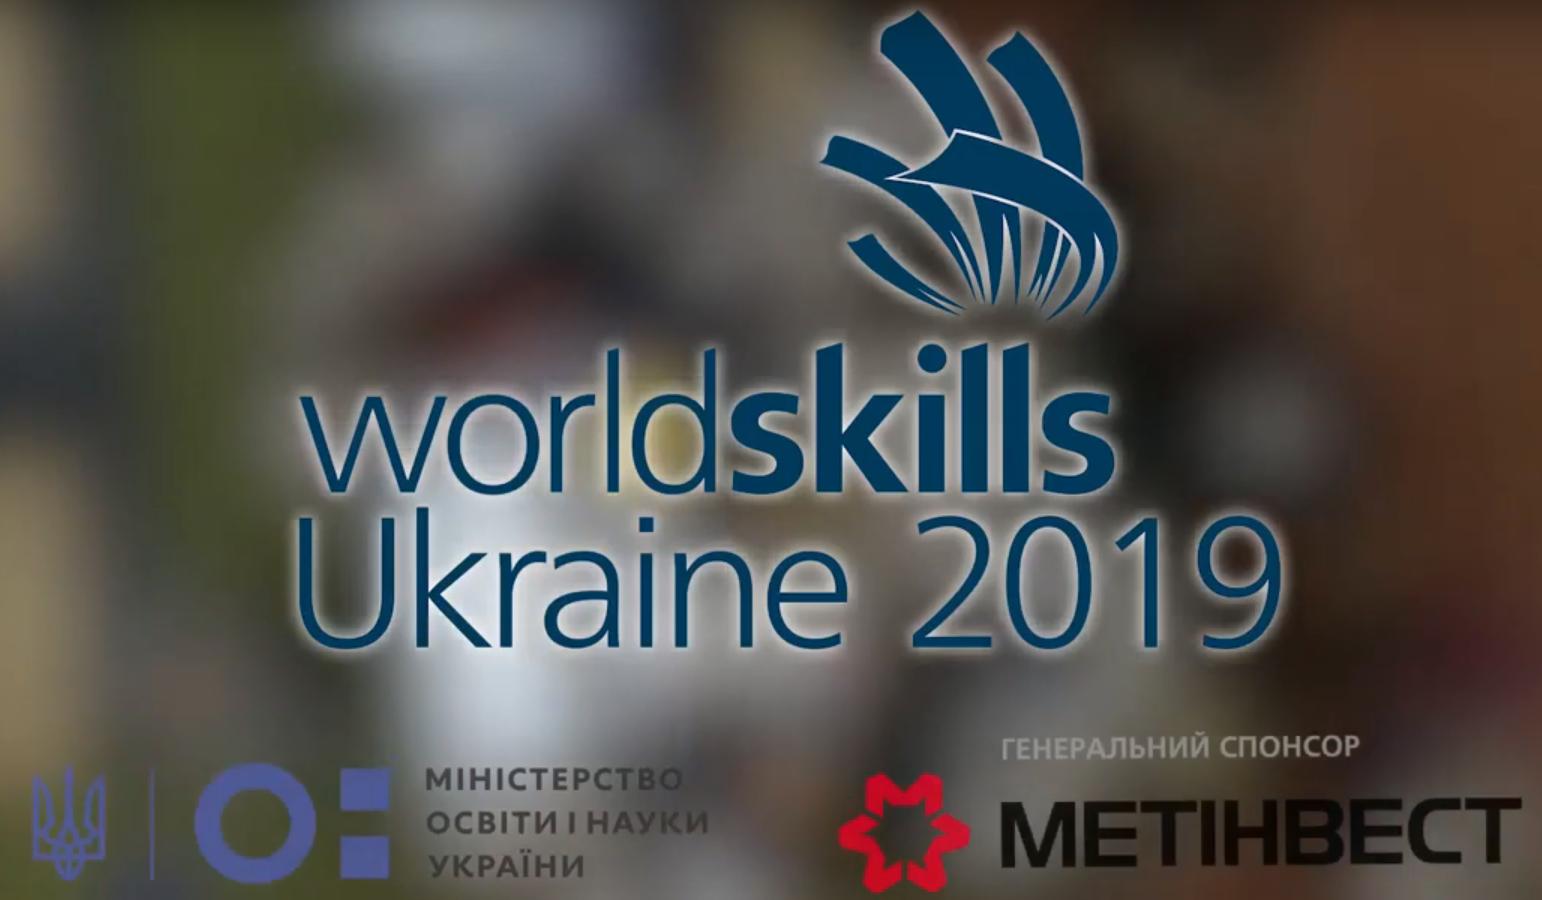 Відкриття регіональних відборів WorldSkills Ukraine в Запорізькій області